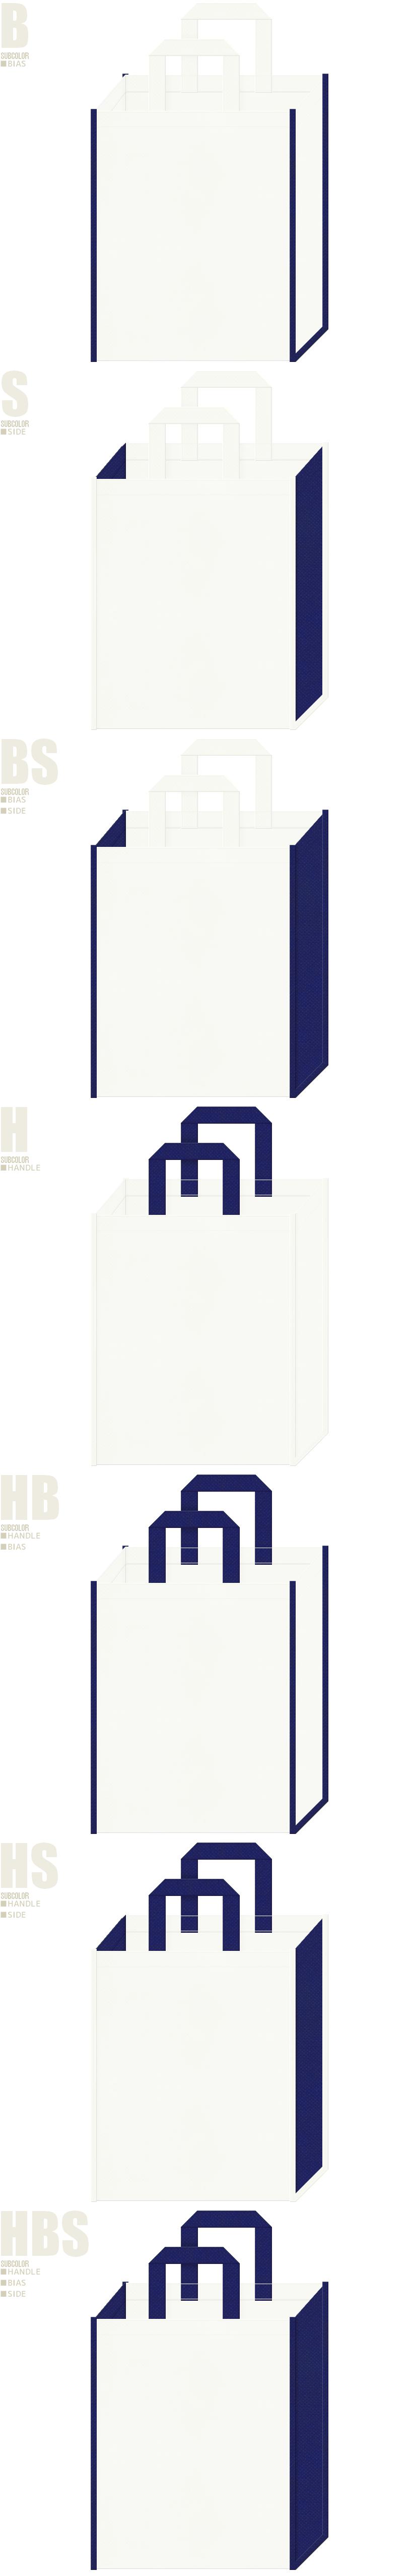 マリンファッション・太陽光パネルの展示会用バッグ、水族館イベントのバッグノベルティにお奨めです。オフホワイト色と明るい紺色の不織布バッグ配色7パターンのデザイン。